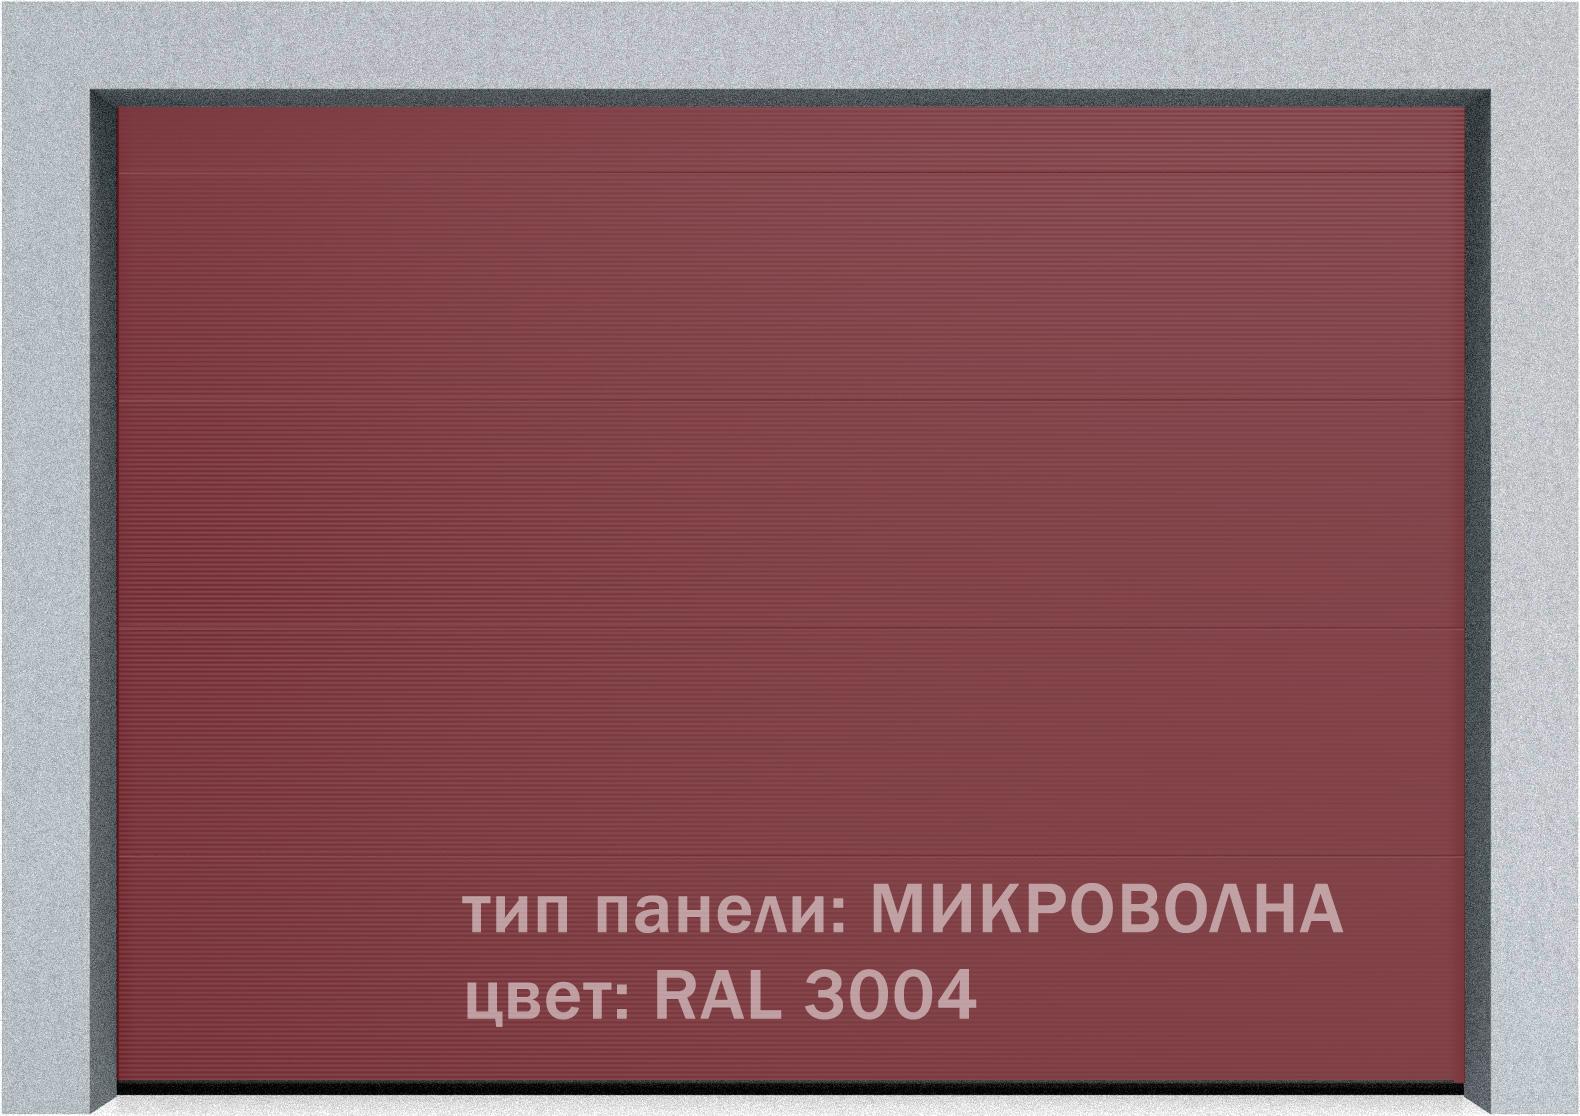 Секционные промышленные ворота Alutech ProTrend 2875х2375 S-гофр, Микроволна стандартные цвета, фото 15